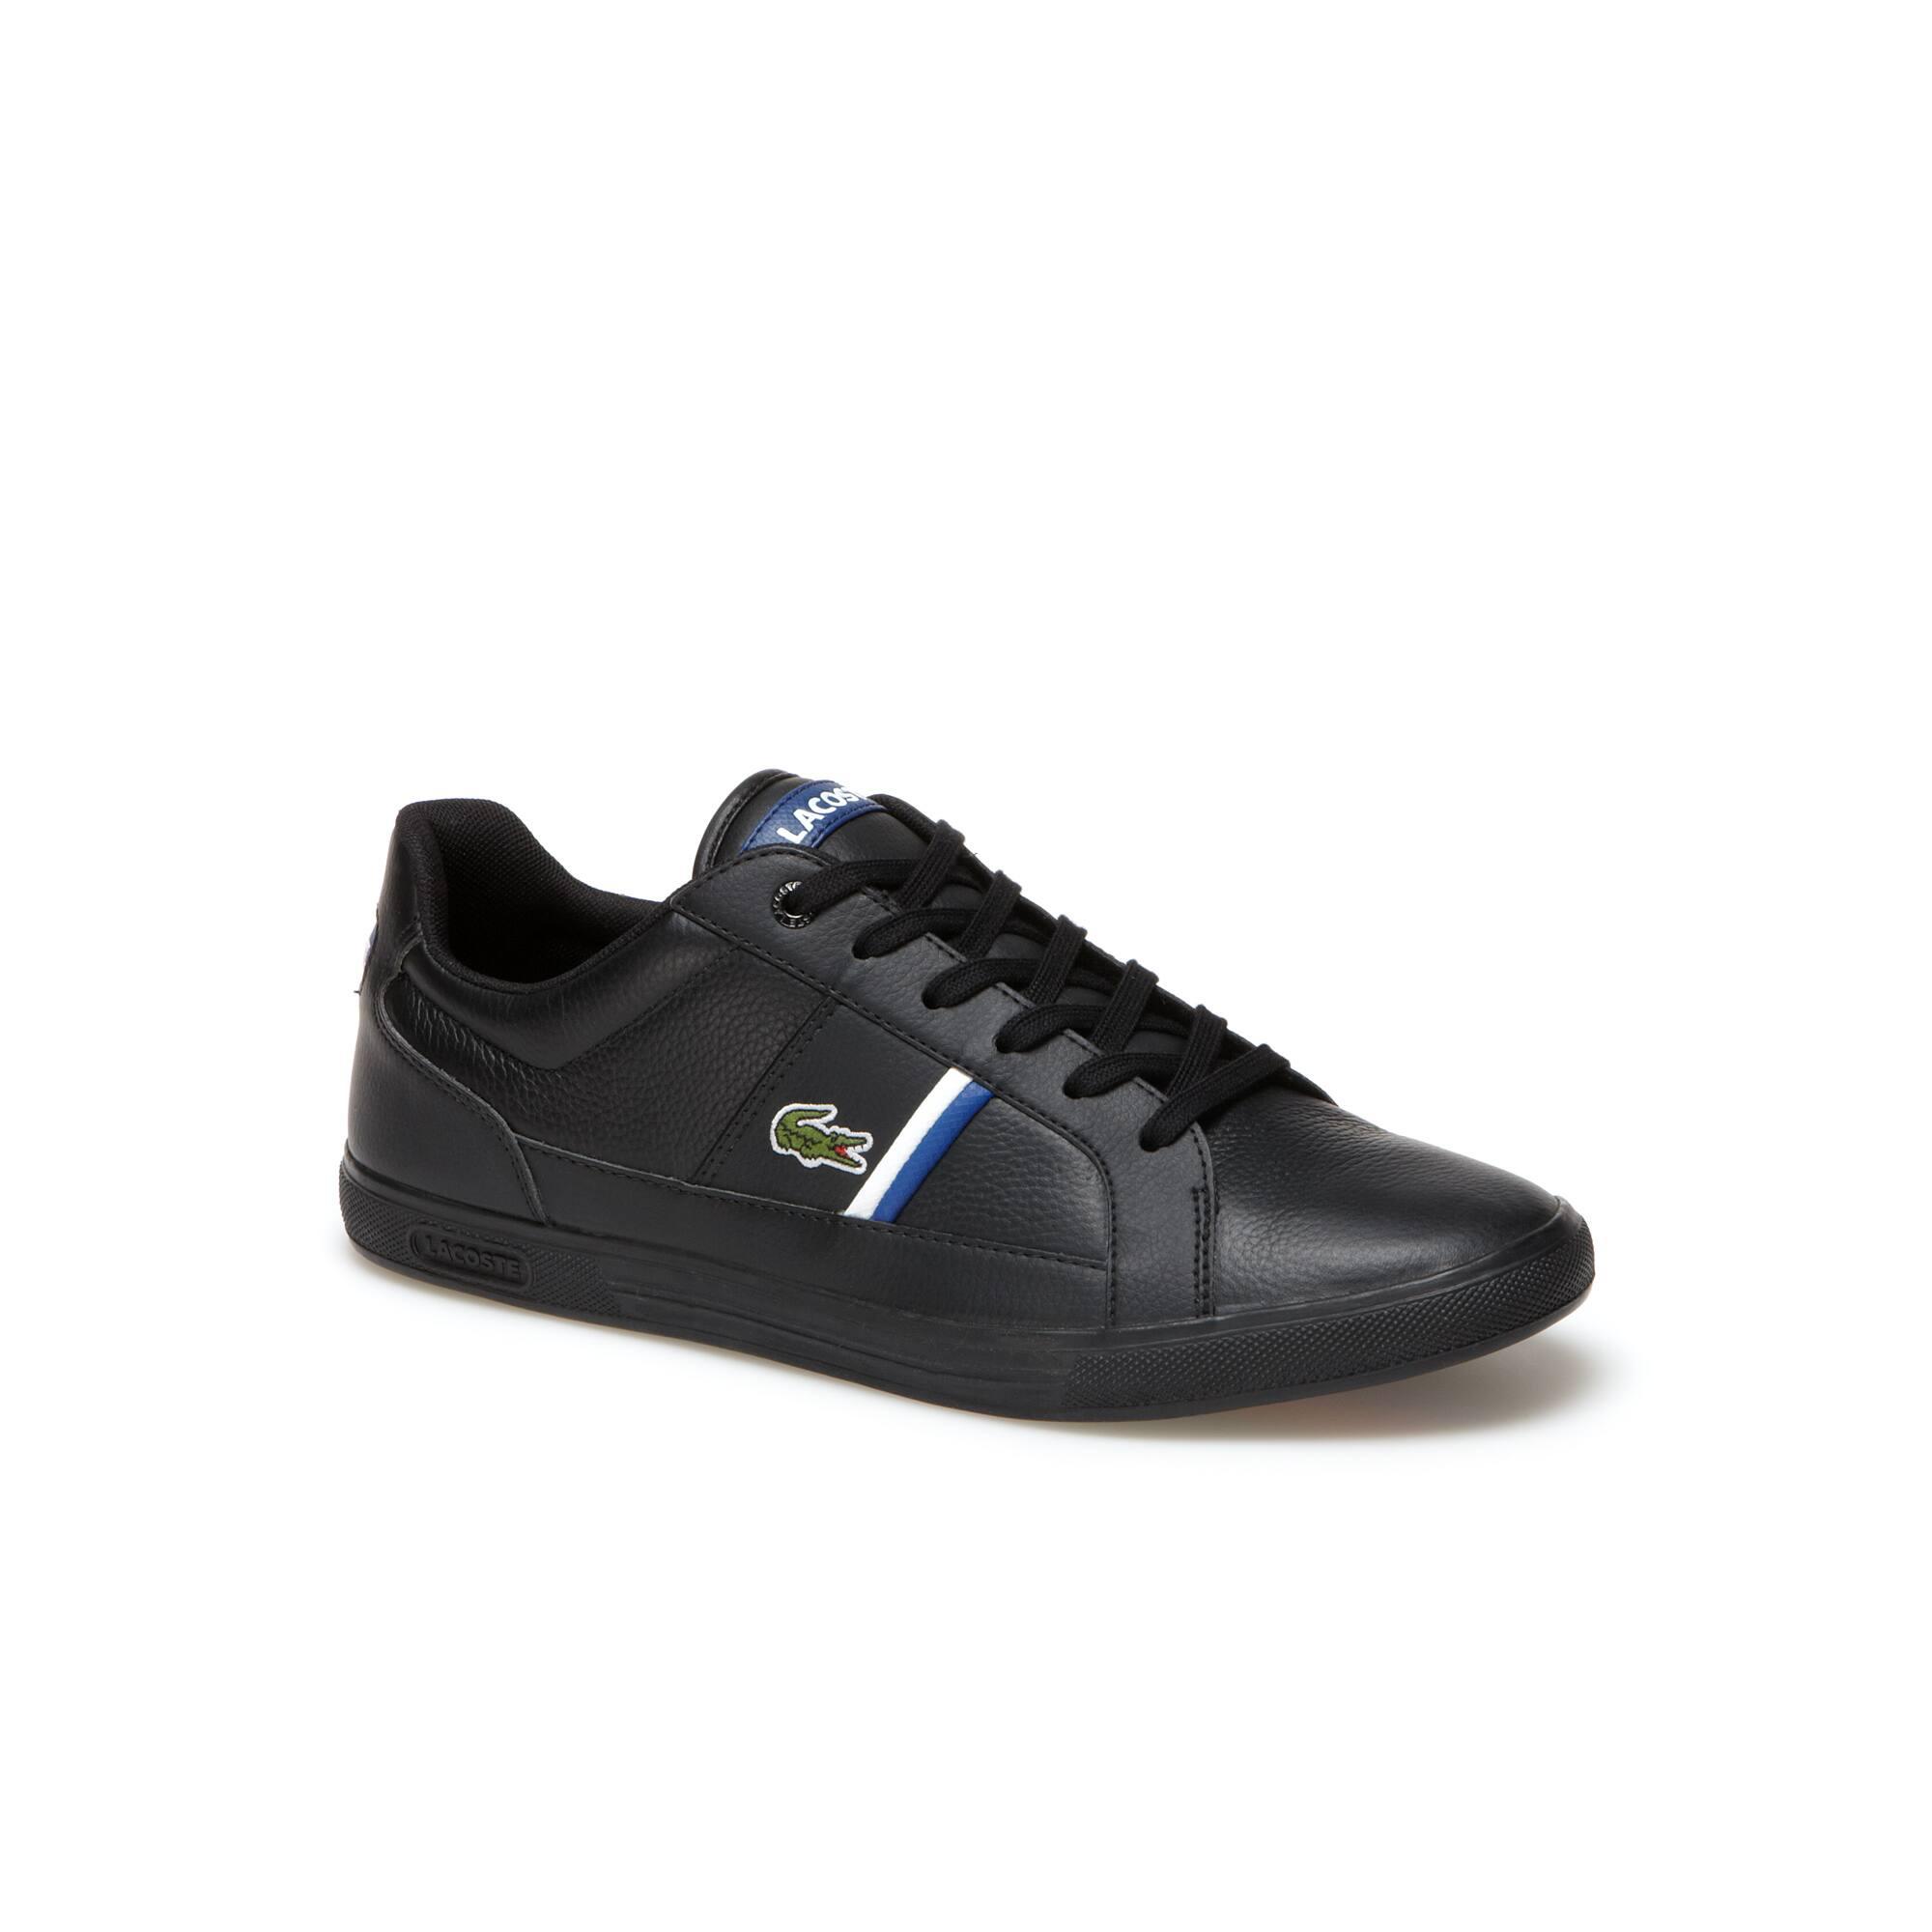 Sneakers Europa de cuero de primera calidad con detalles tricolores